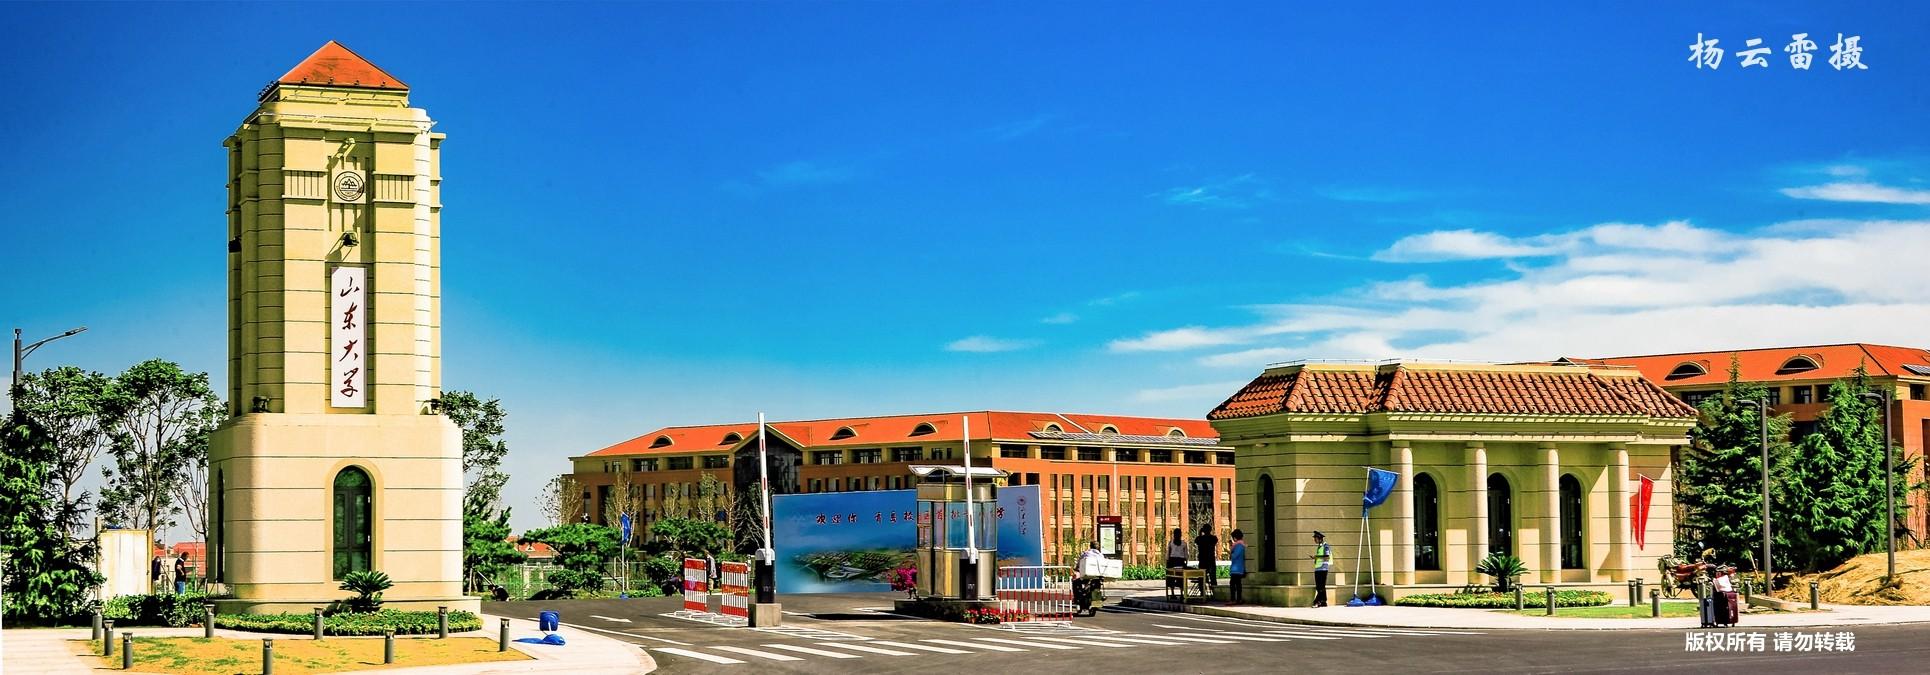 山东大学青岛校区